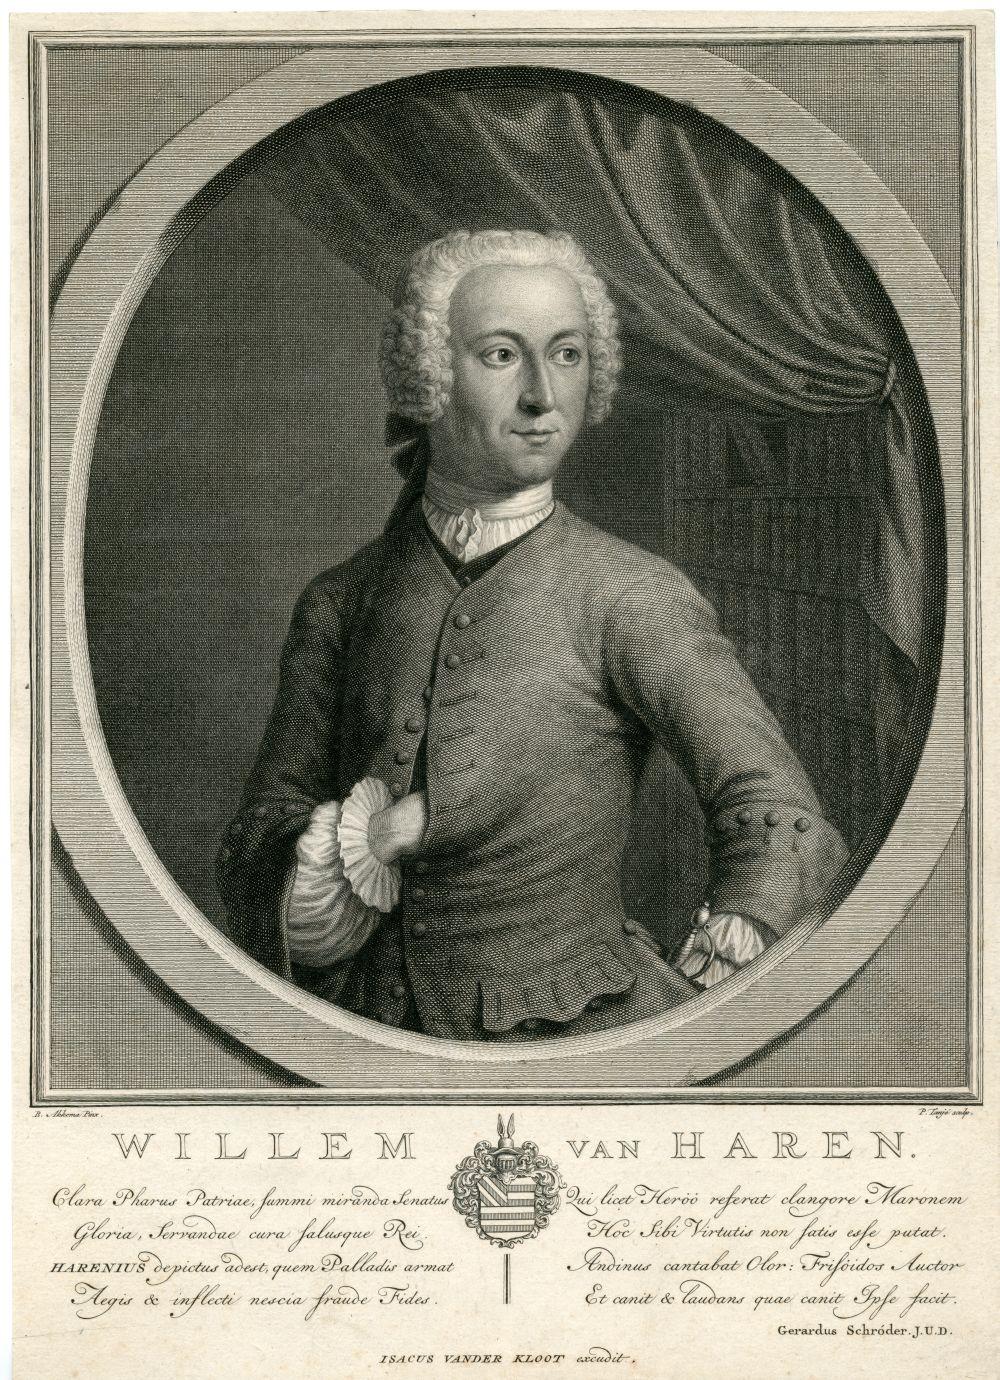 Portret van Willem van Haren door P. Tanje